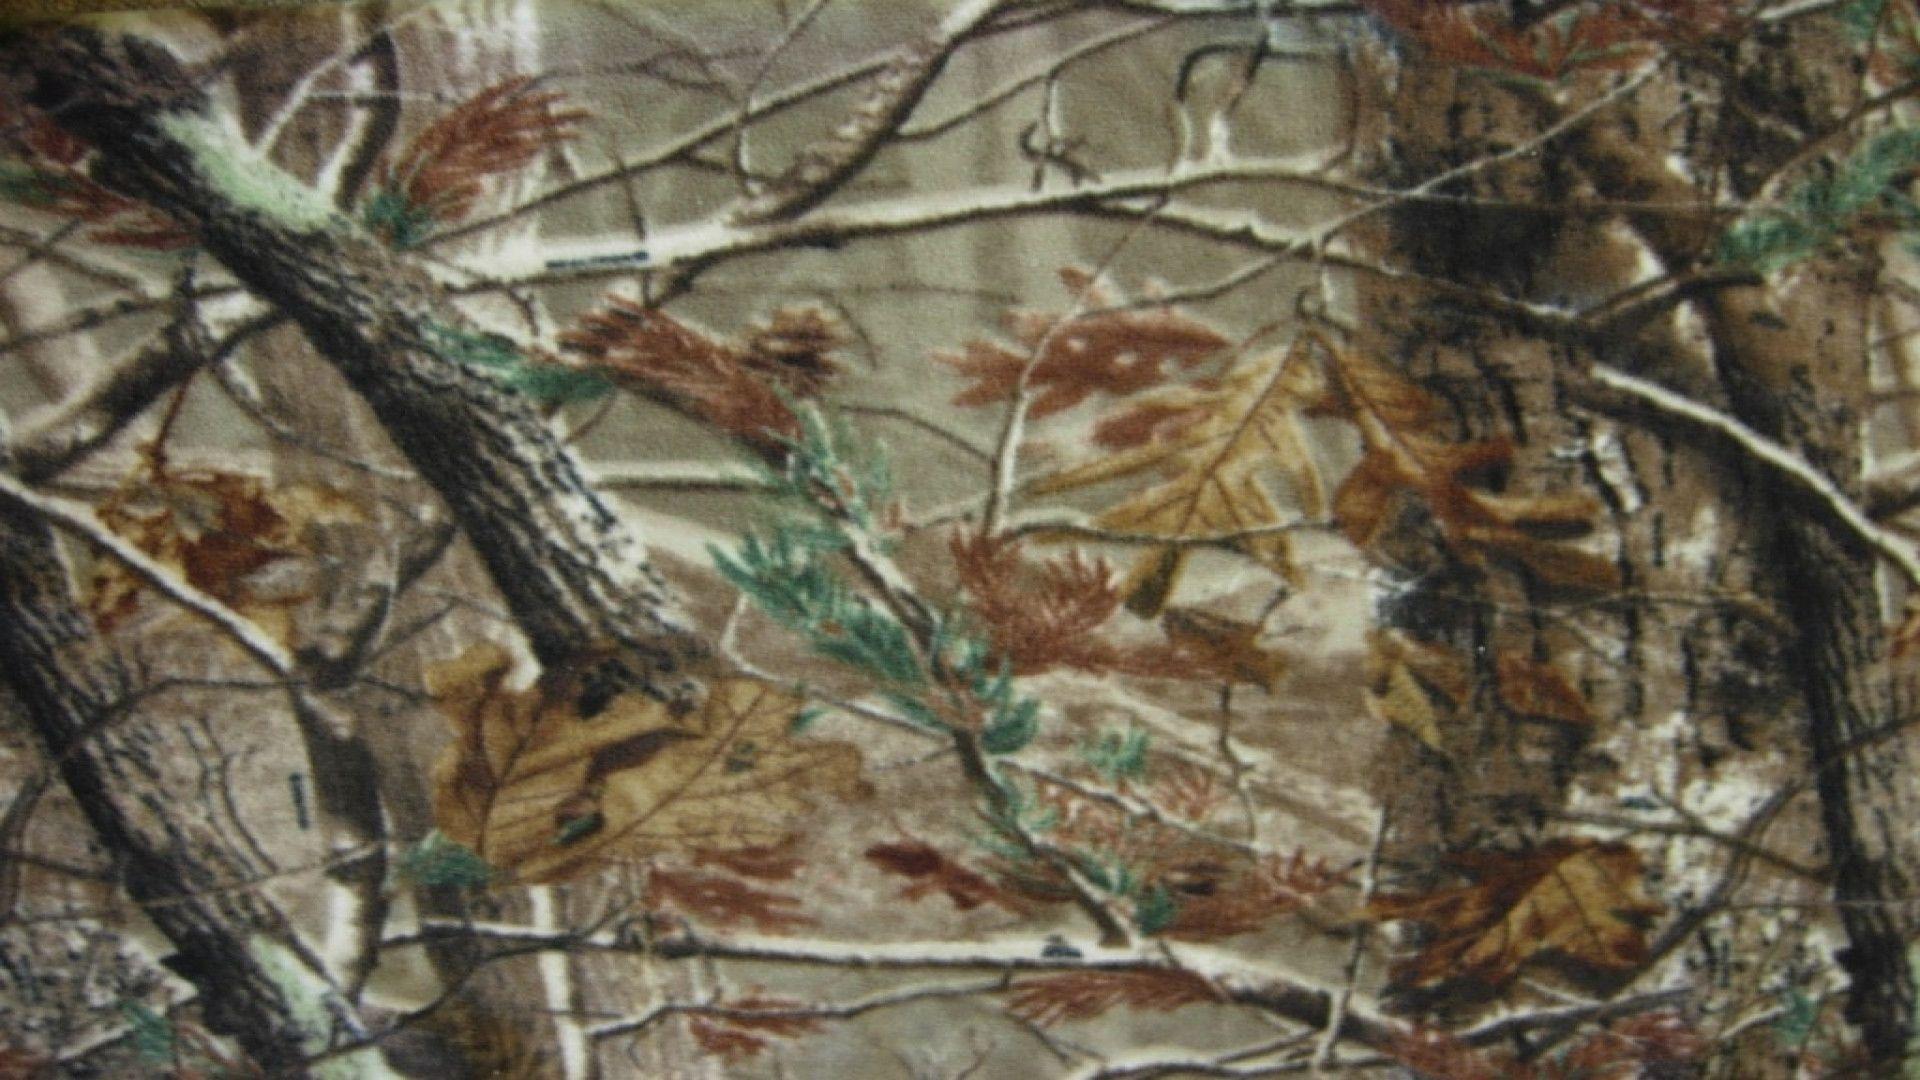 Bathing Ape <b>Wallpaper</b> – WallpaperSafari